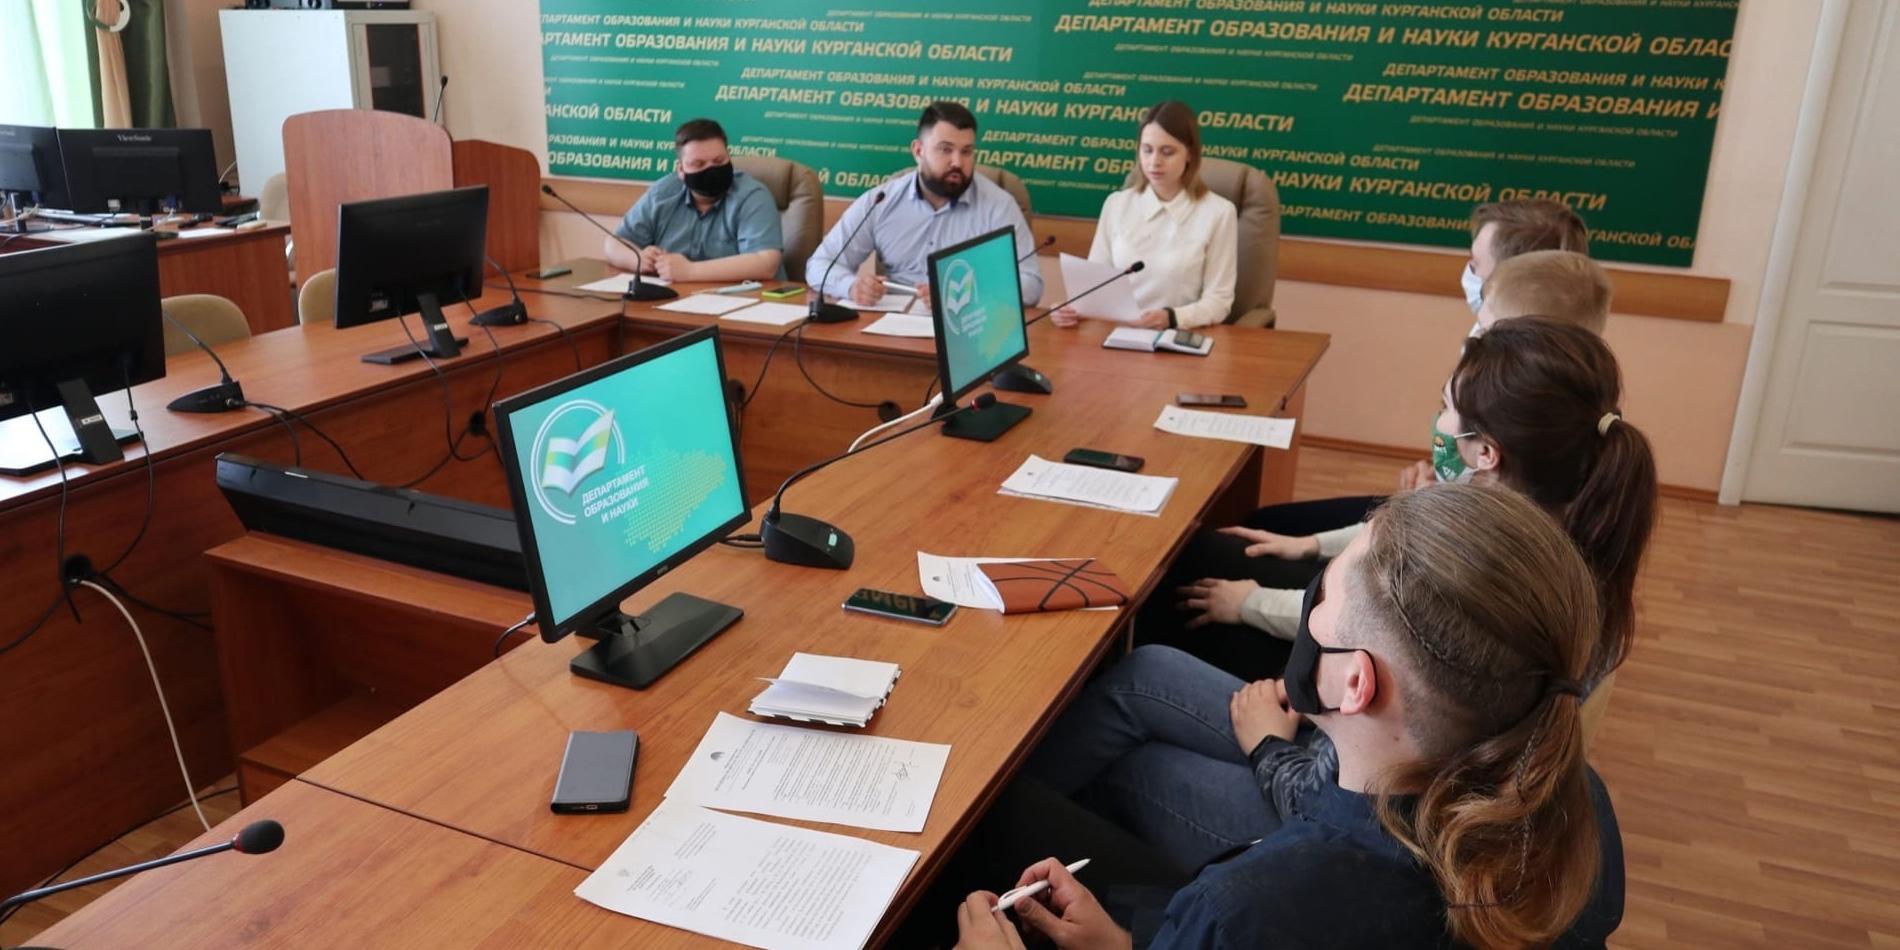 Заседание Молодежного правительства Курганской области